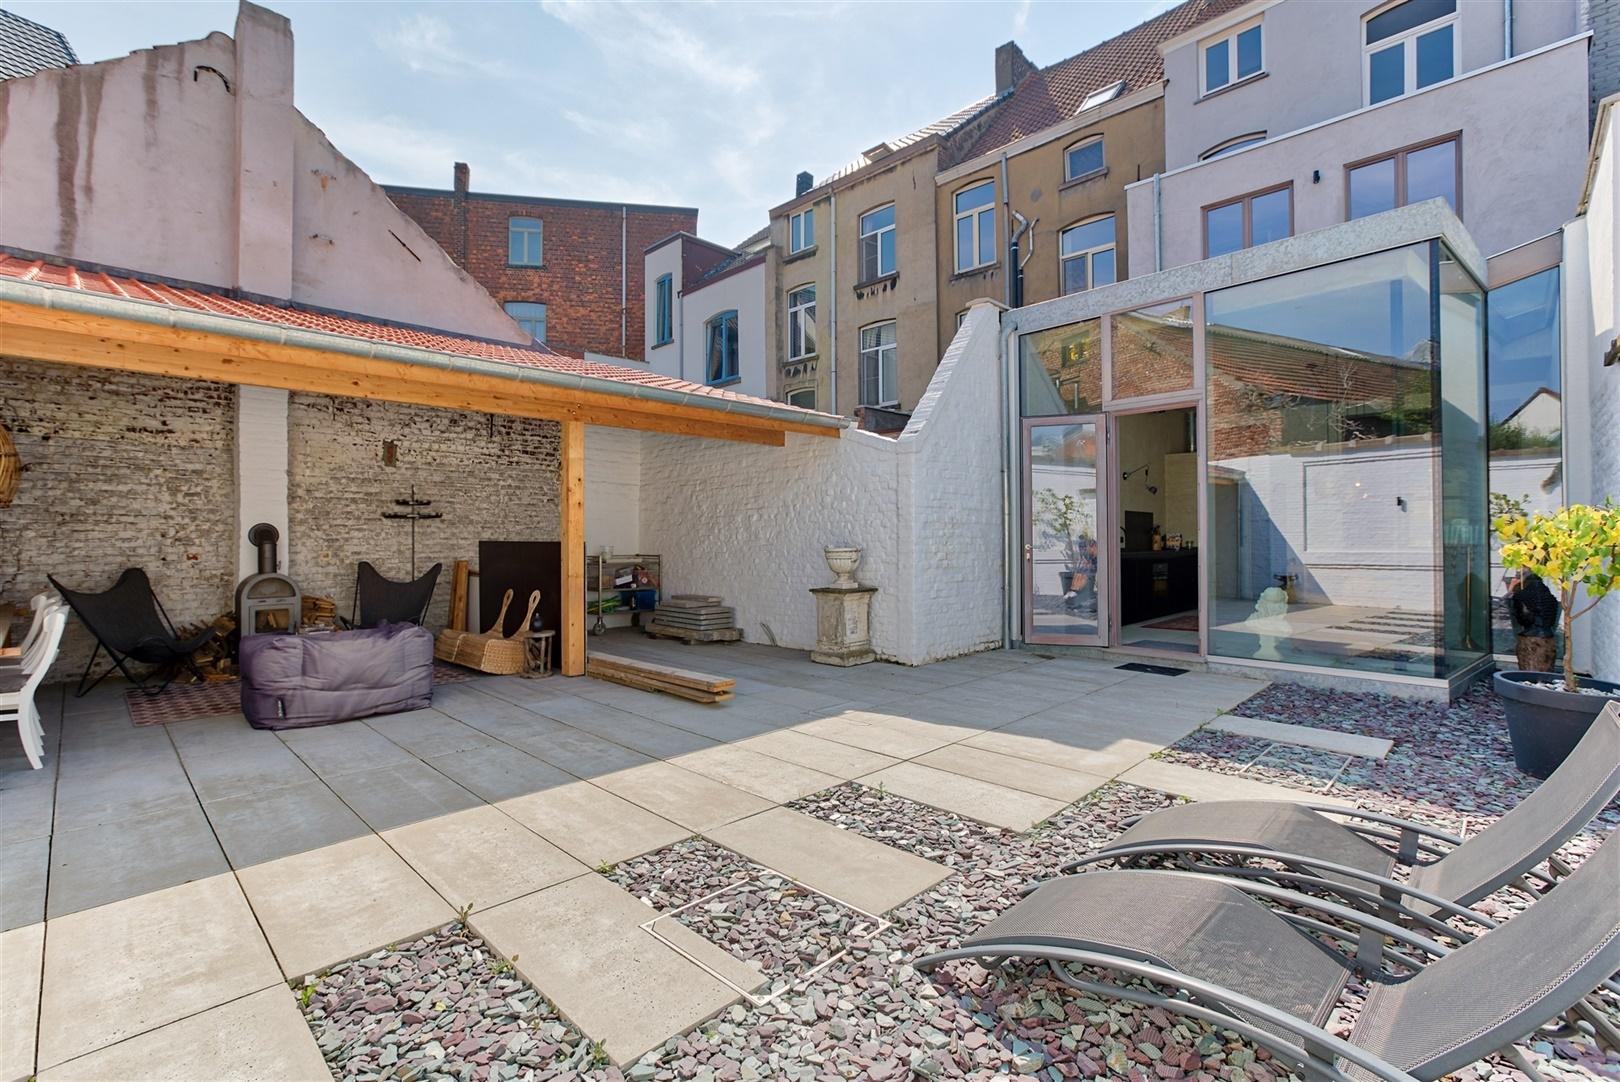 Uniek gerenoveerde burgerwoning met ruime stadstuin in Gent